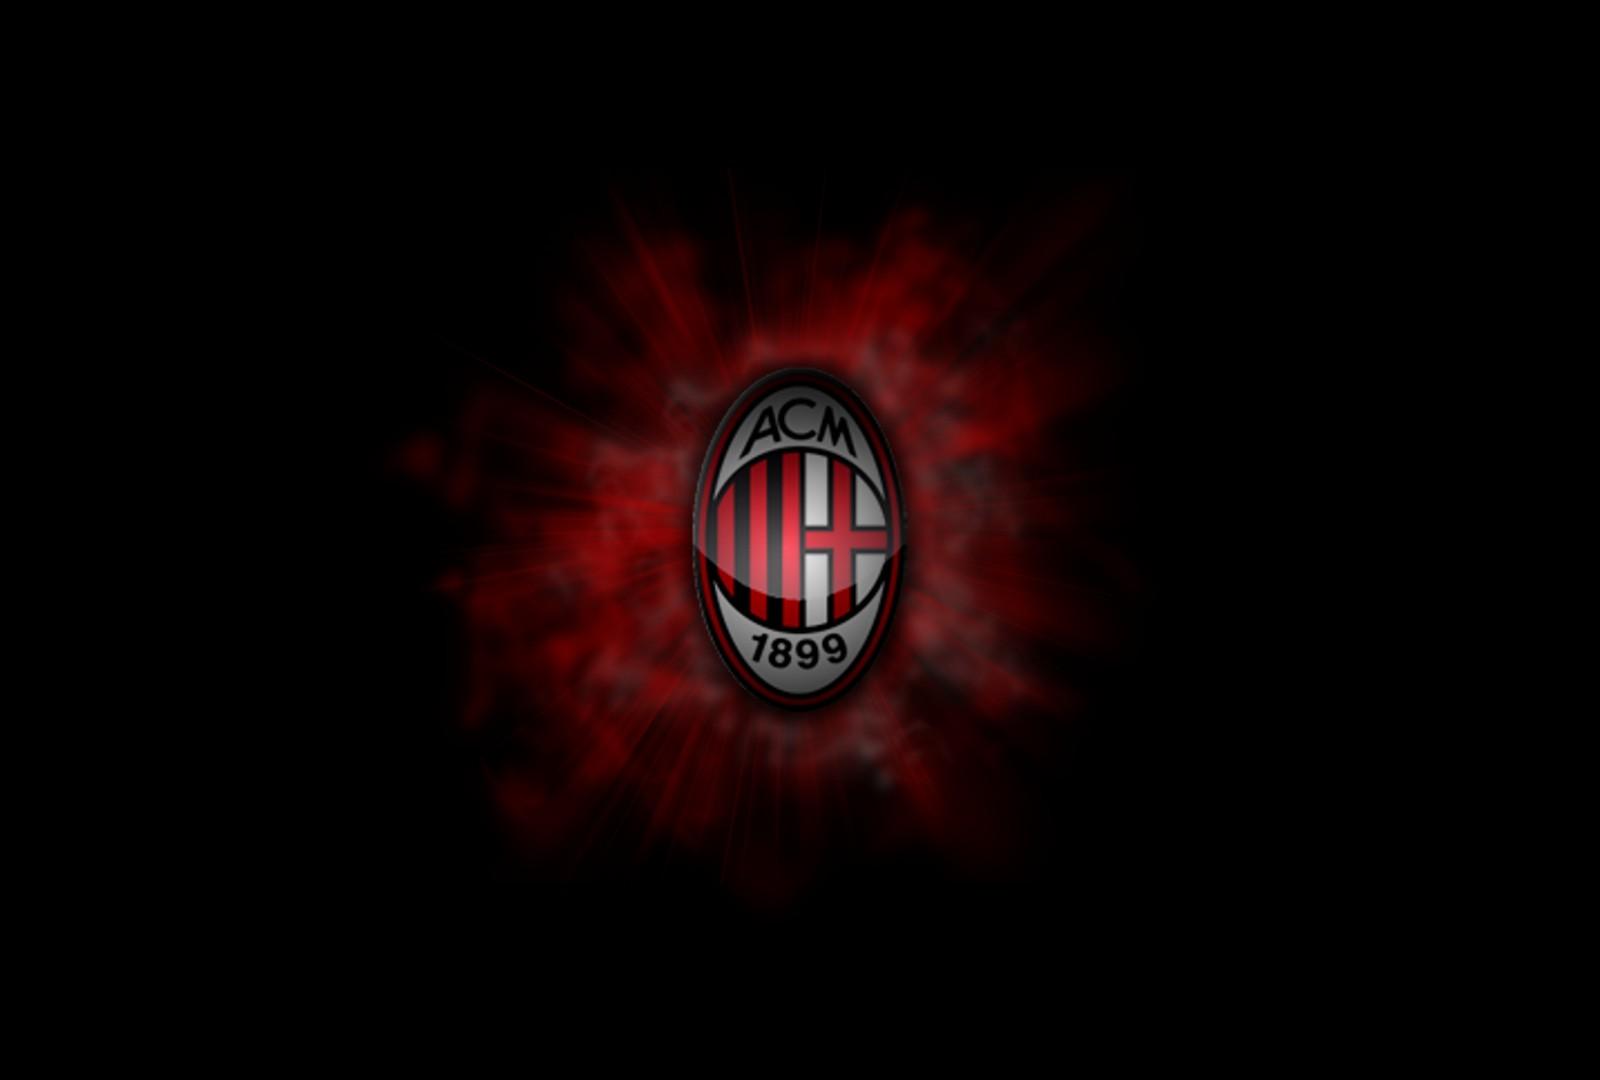 http://3.bp.blogspot.com/-E3Zc9wan4F0/TxWulFFpbPI/AAAAAAAAAWw/H8pI8-wdtAI/s1600/ACM_1899_Football_Club_Logo_HD_Wallpaper-Vvallpaper.Net.jpg